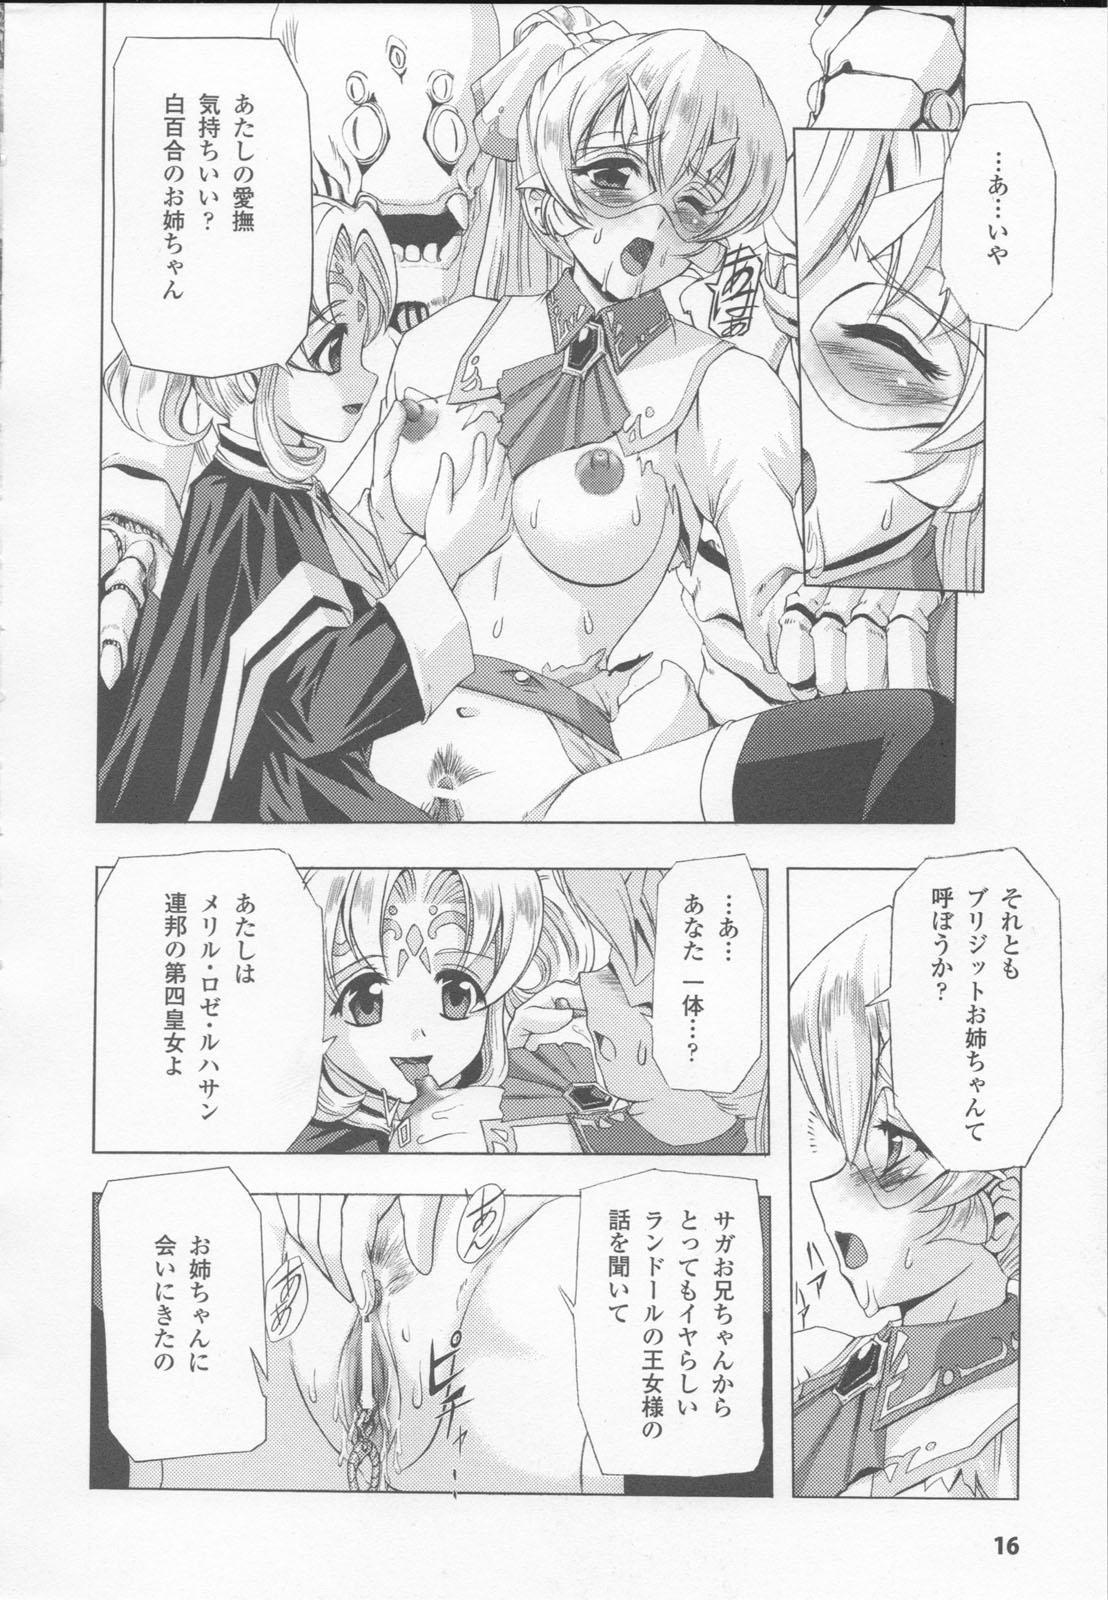 Shirayuri no Kenshi Anthology Comics 17